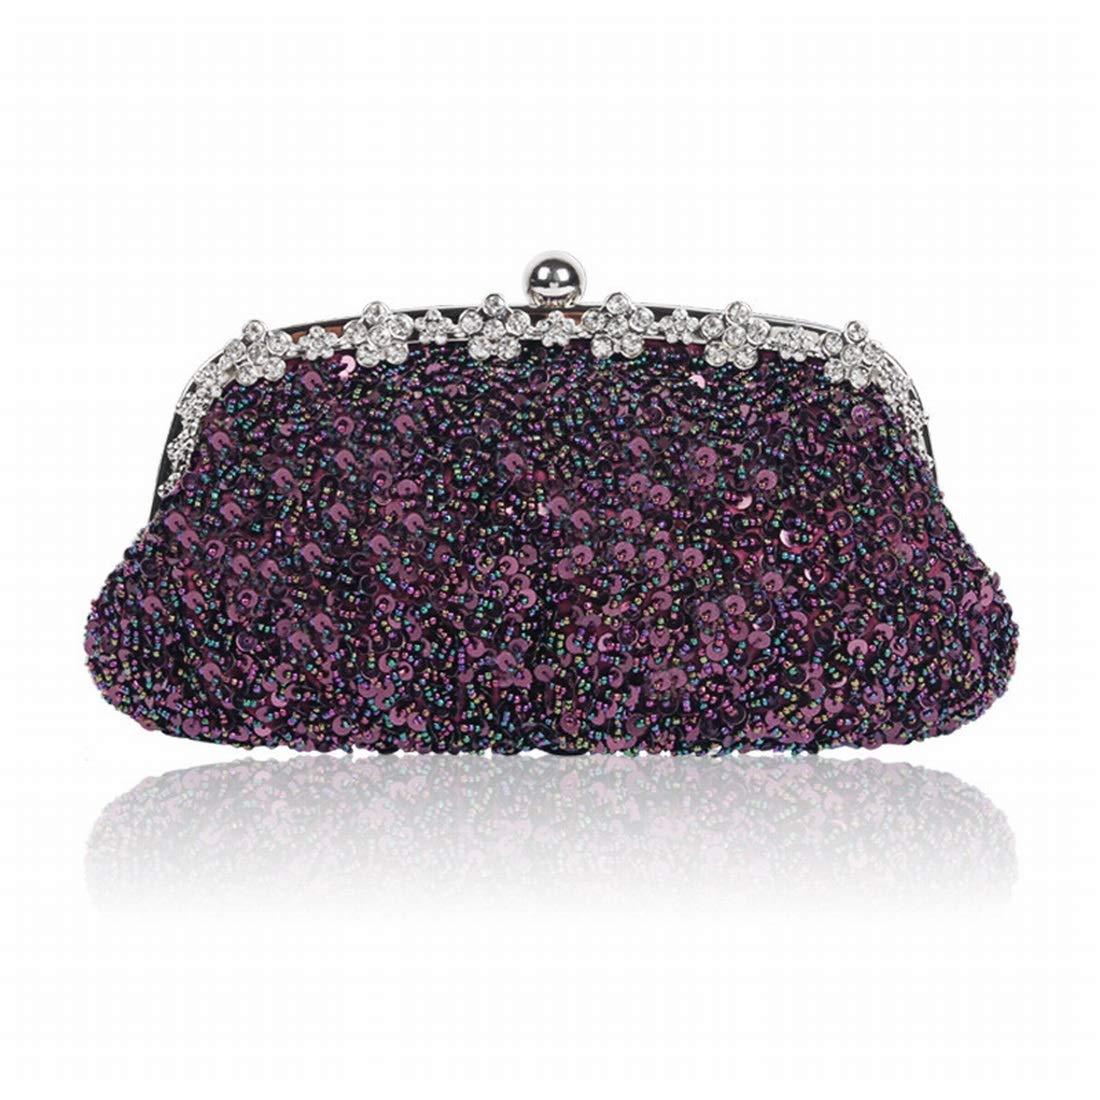 Klerokoh damen Perlen Abendtasche Multi Farbe Farbe Farbe Hochzeit Clutch Geldbörse für Damen (Farbe   lila) B07Q8GCP56 Clutches Fein wild c112f5